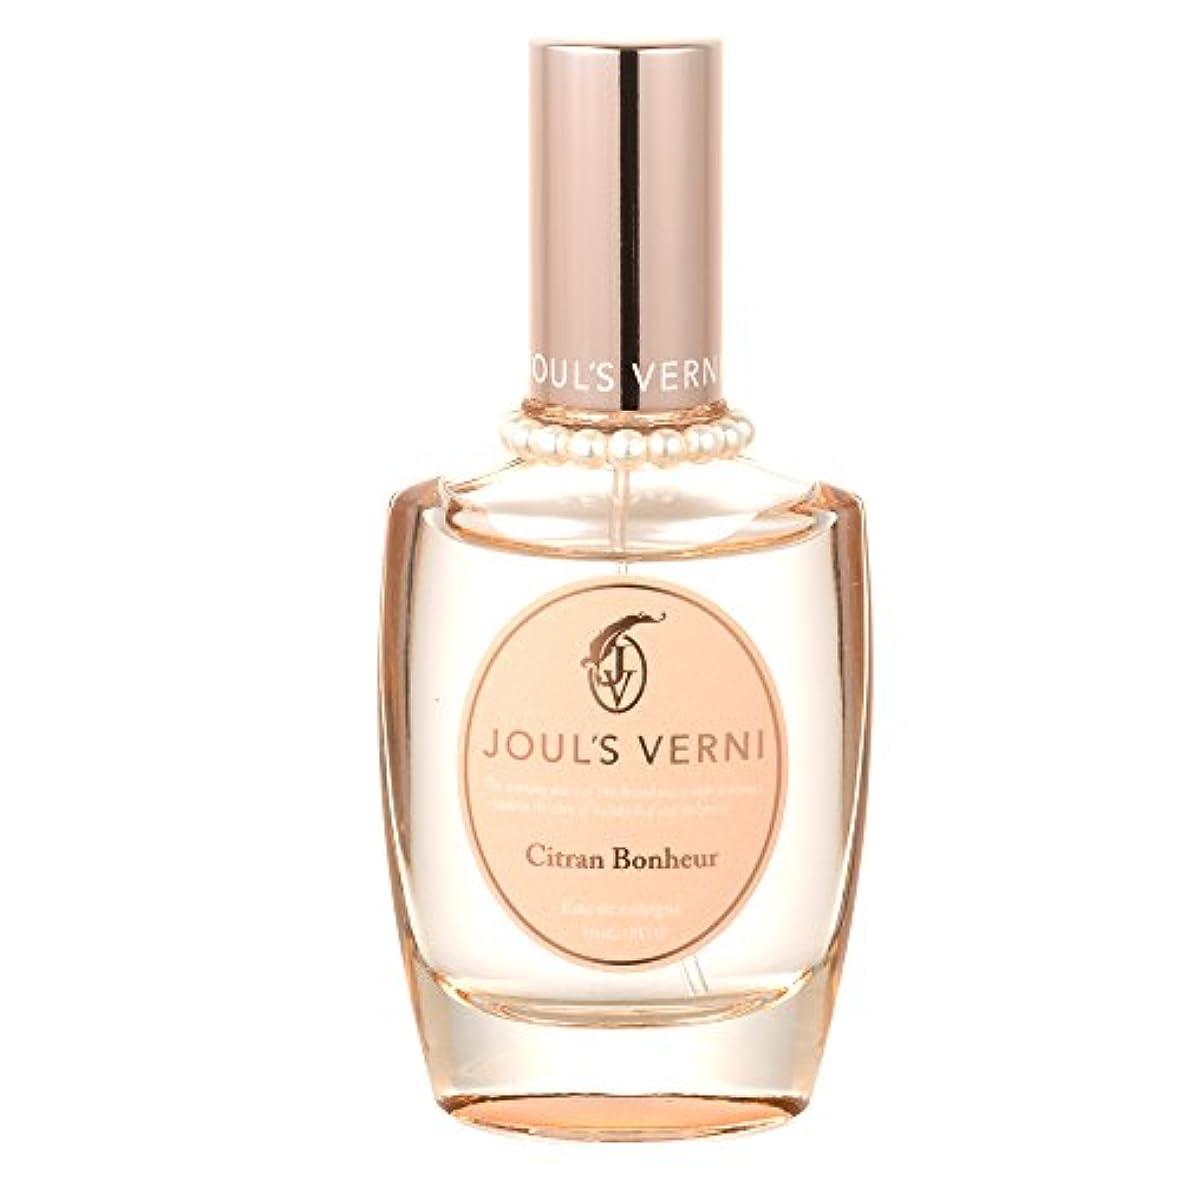 性的ピンチ皮肉ジュール ベルニ フレグランスミスト (オーデコロン) (シトランボヌールの香り) 30ml